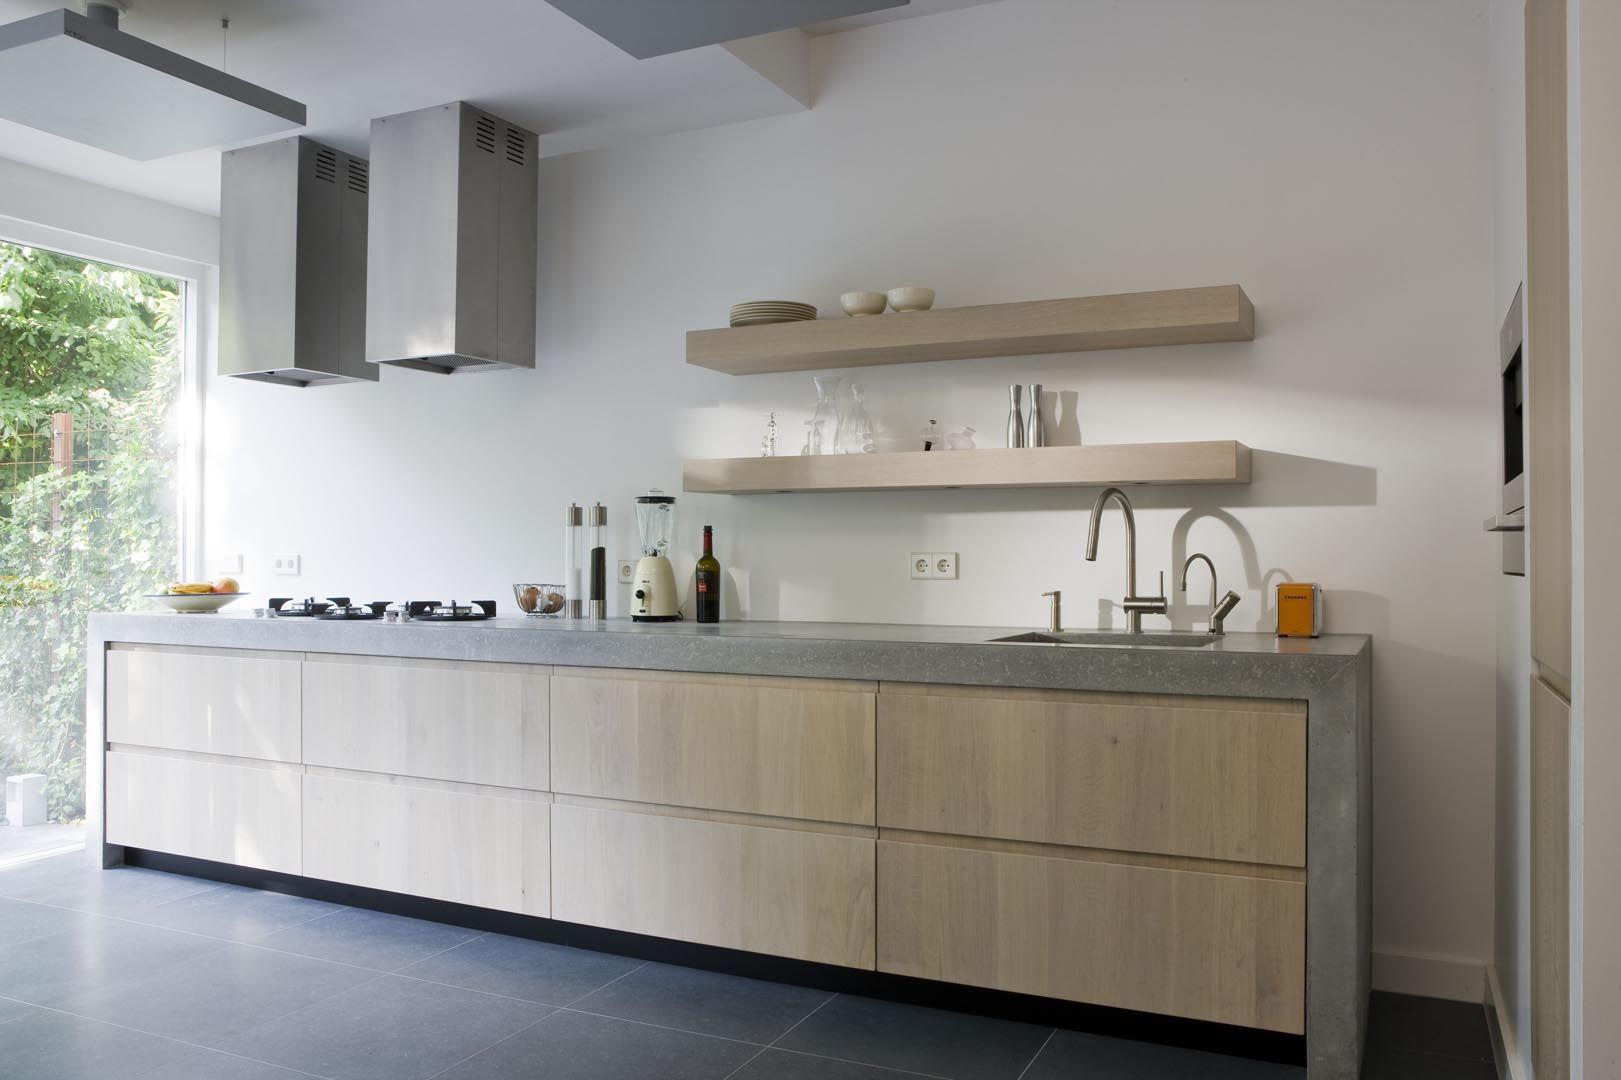 Houten Keuken Beton : Moderne keuken met betonnen keukenblad. door het robuuste betonnen